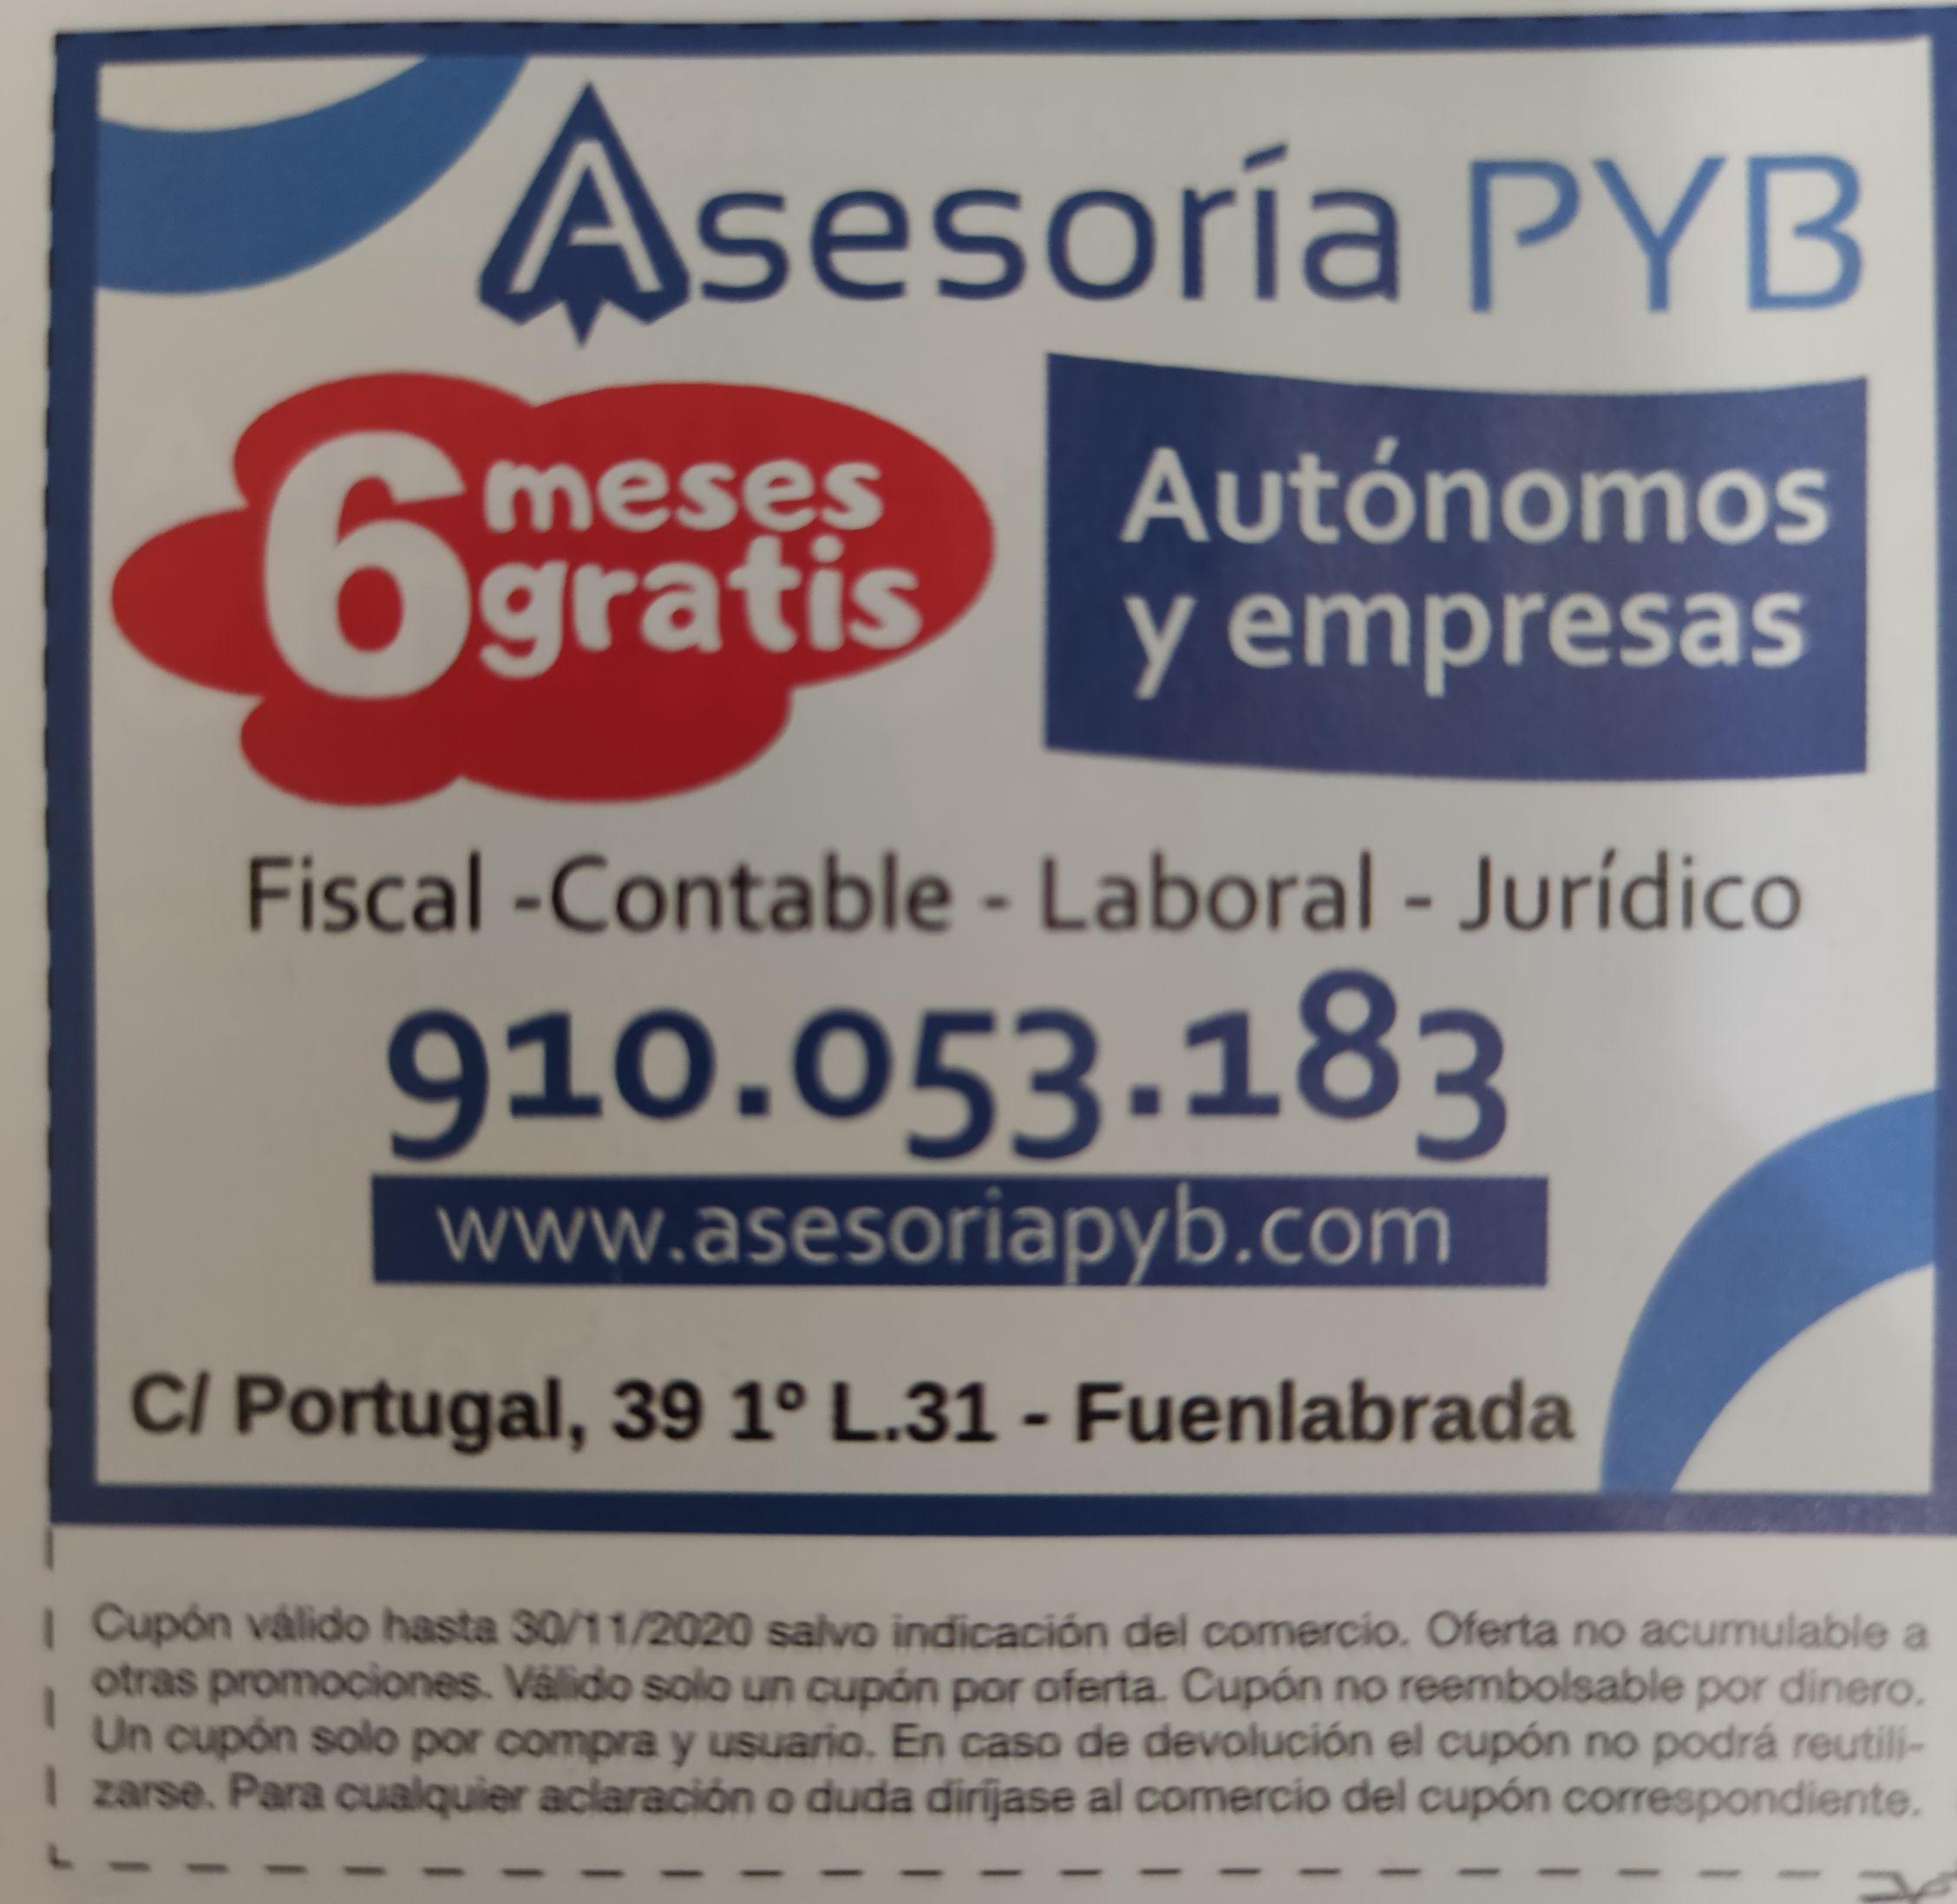 Asesoría Fiscal y Contable 50% (6 Meses Gratis)